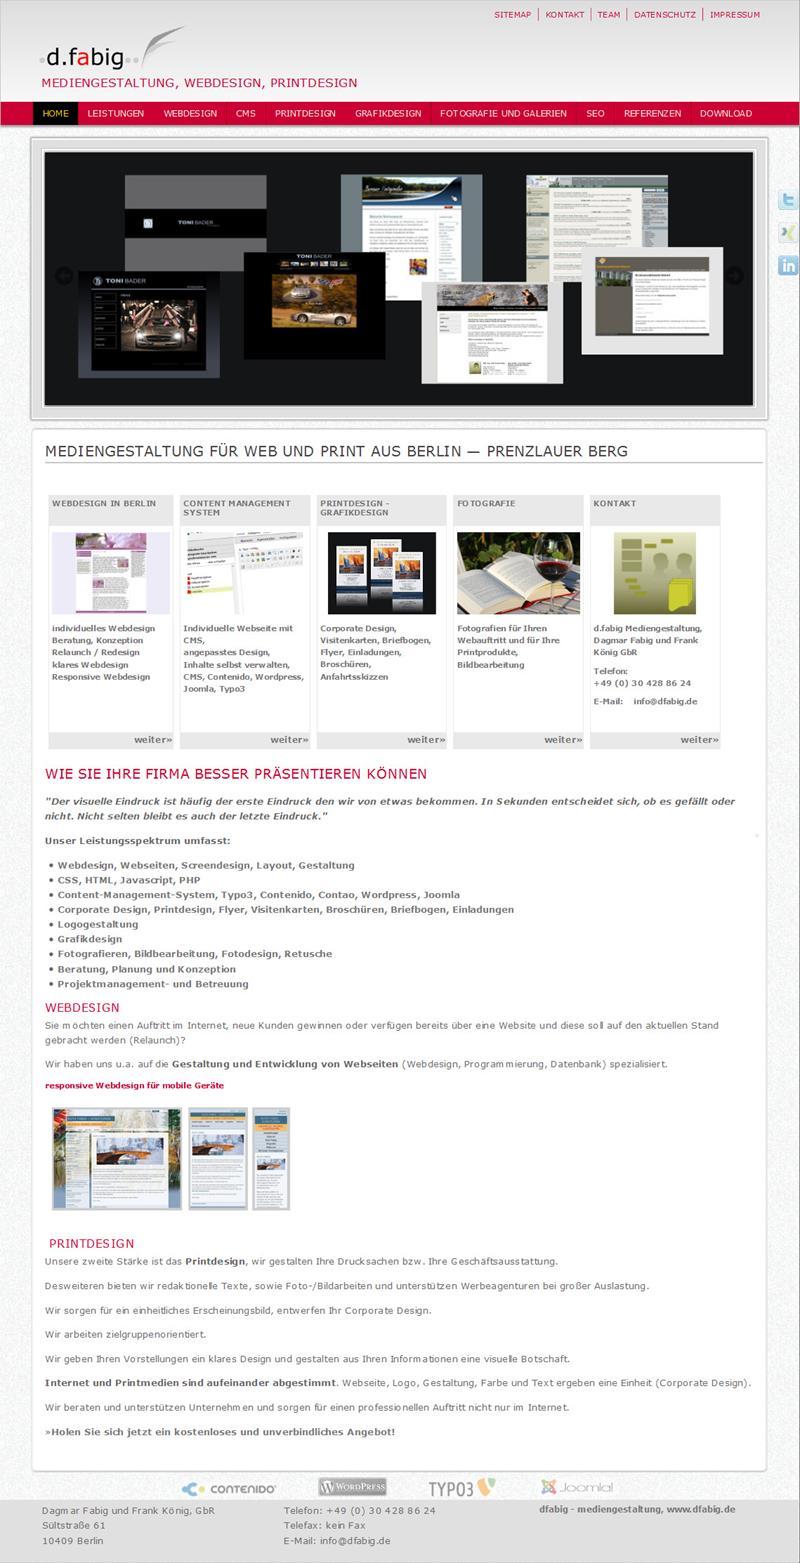 Mediengestaltung_Berlin_fr_Web-_und_Printmedien